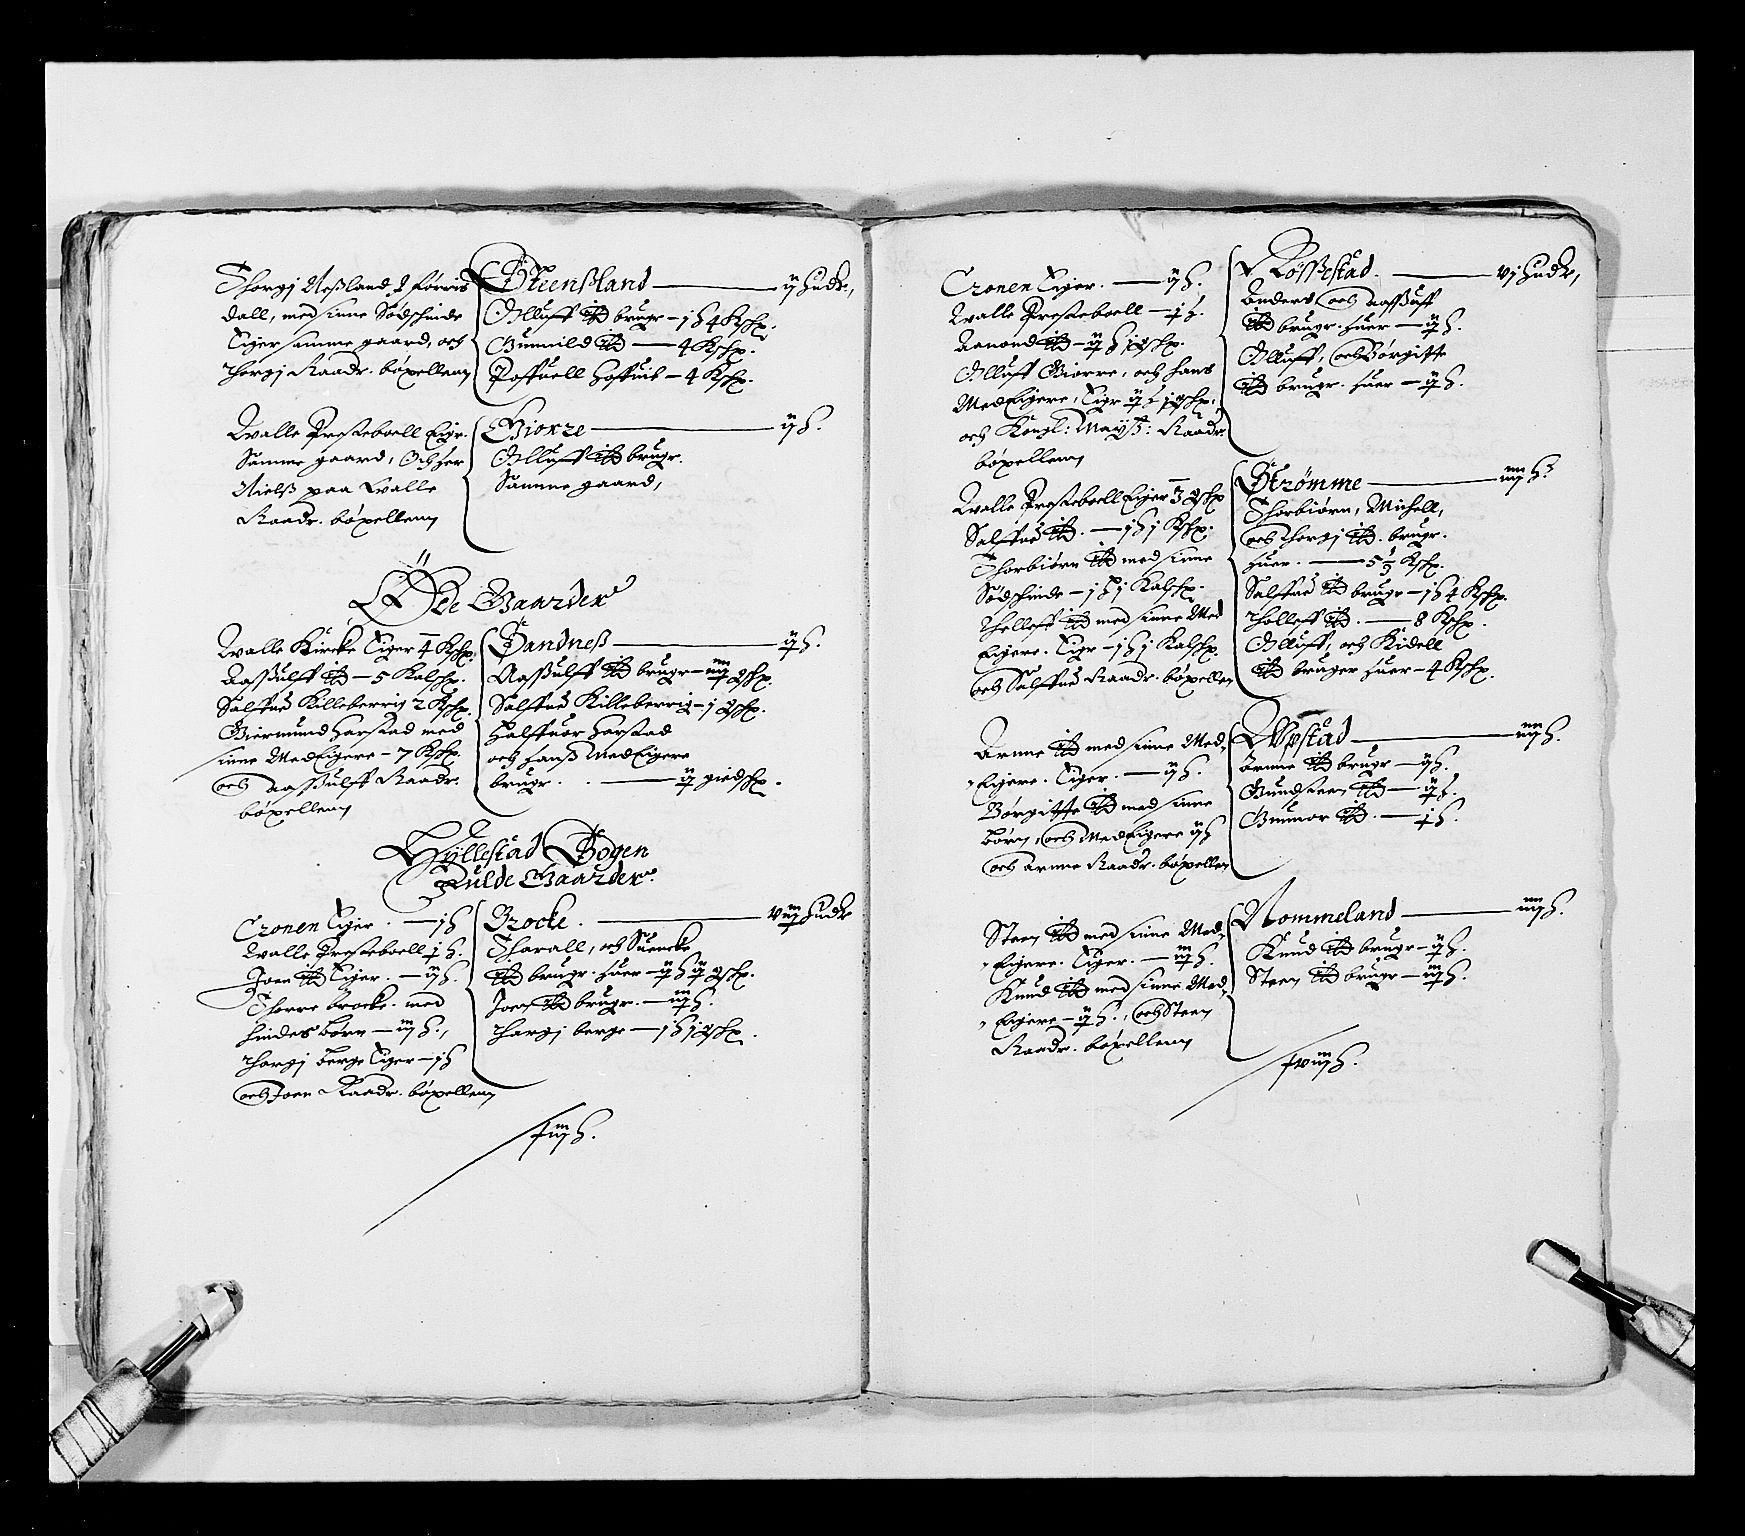 RA, Stattholderembetet 1572-1771, Ek/L0023: Jordebøker 1633-1658:, 1648-1649, s. 29